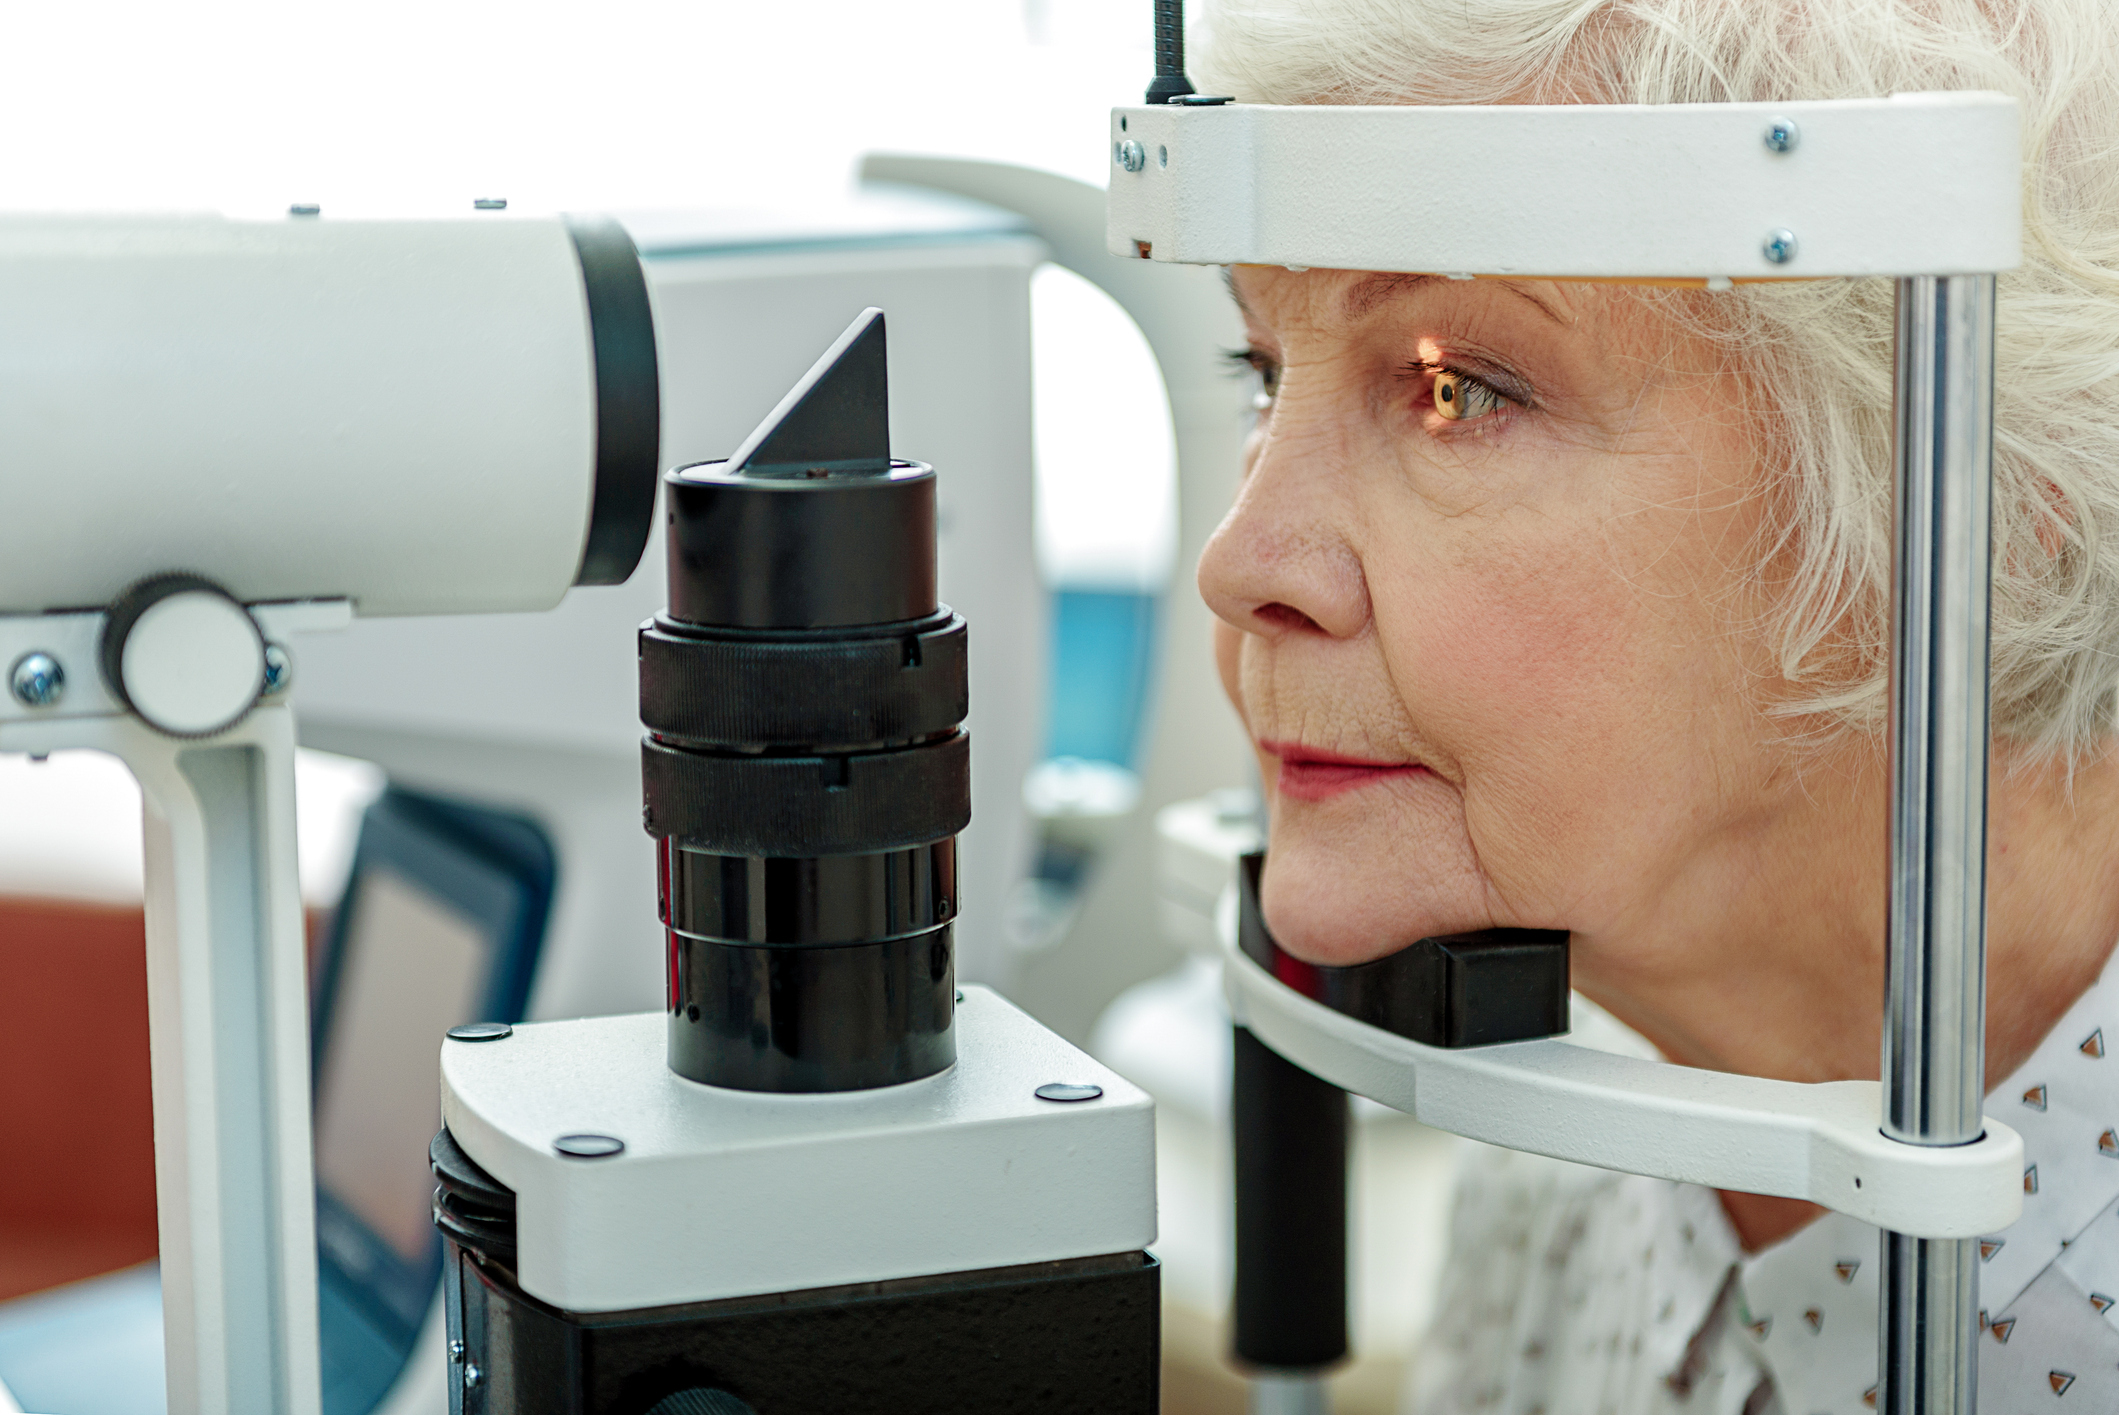 Cuidar da saúde dos olhos é fundamental. Veja dicas para prevenir doenças e não sofrer com problemas de visão depois de uma certa idade.